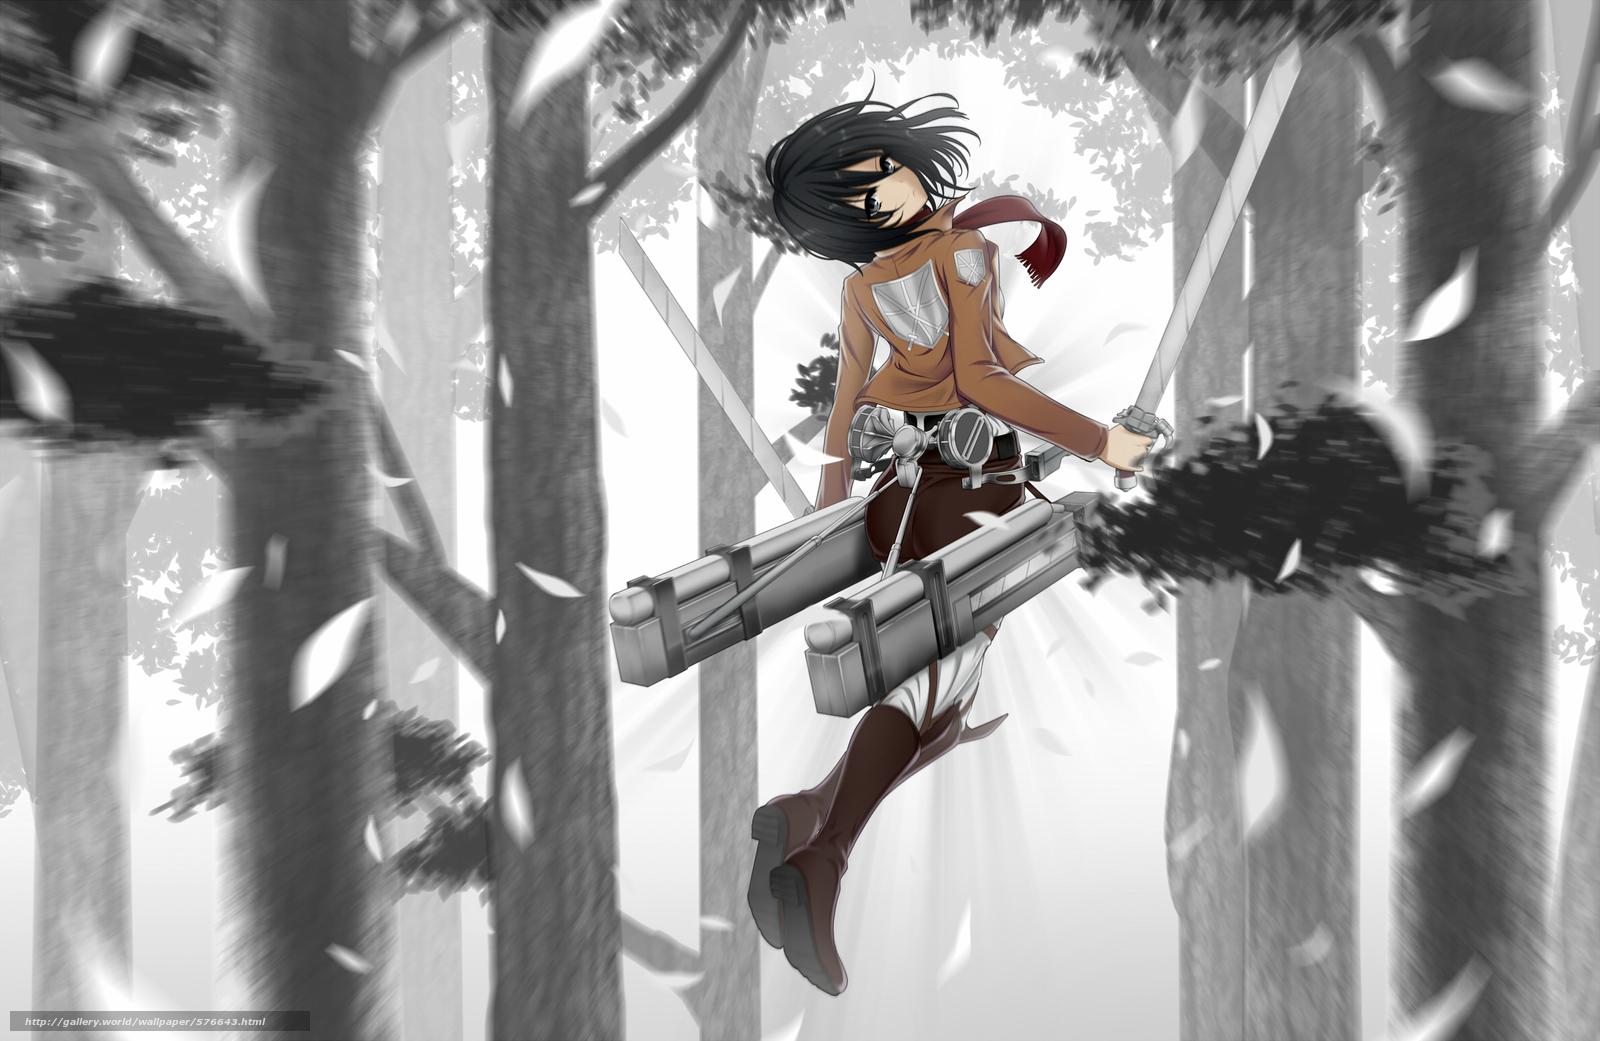 Скачать обои вторжение гигантов,  природа,  деревья,  аниме бесплатно для рабочего стола в разрешении 2365x1539 — картинка №576643